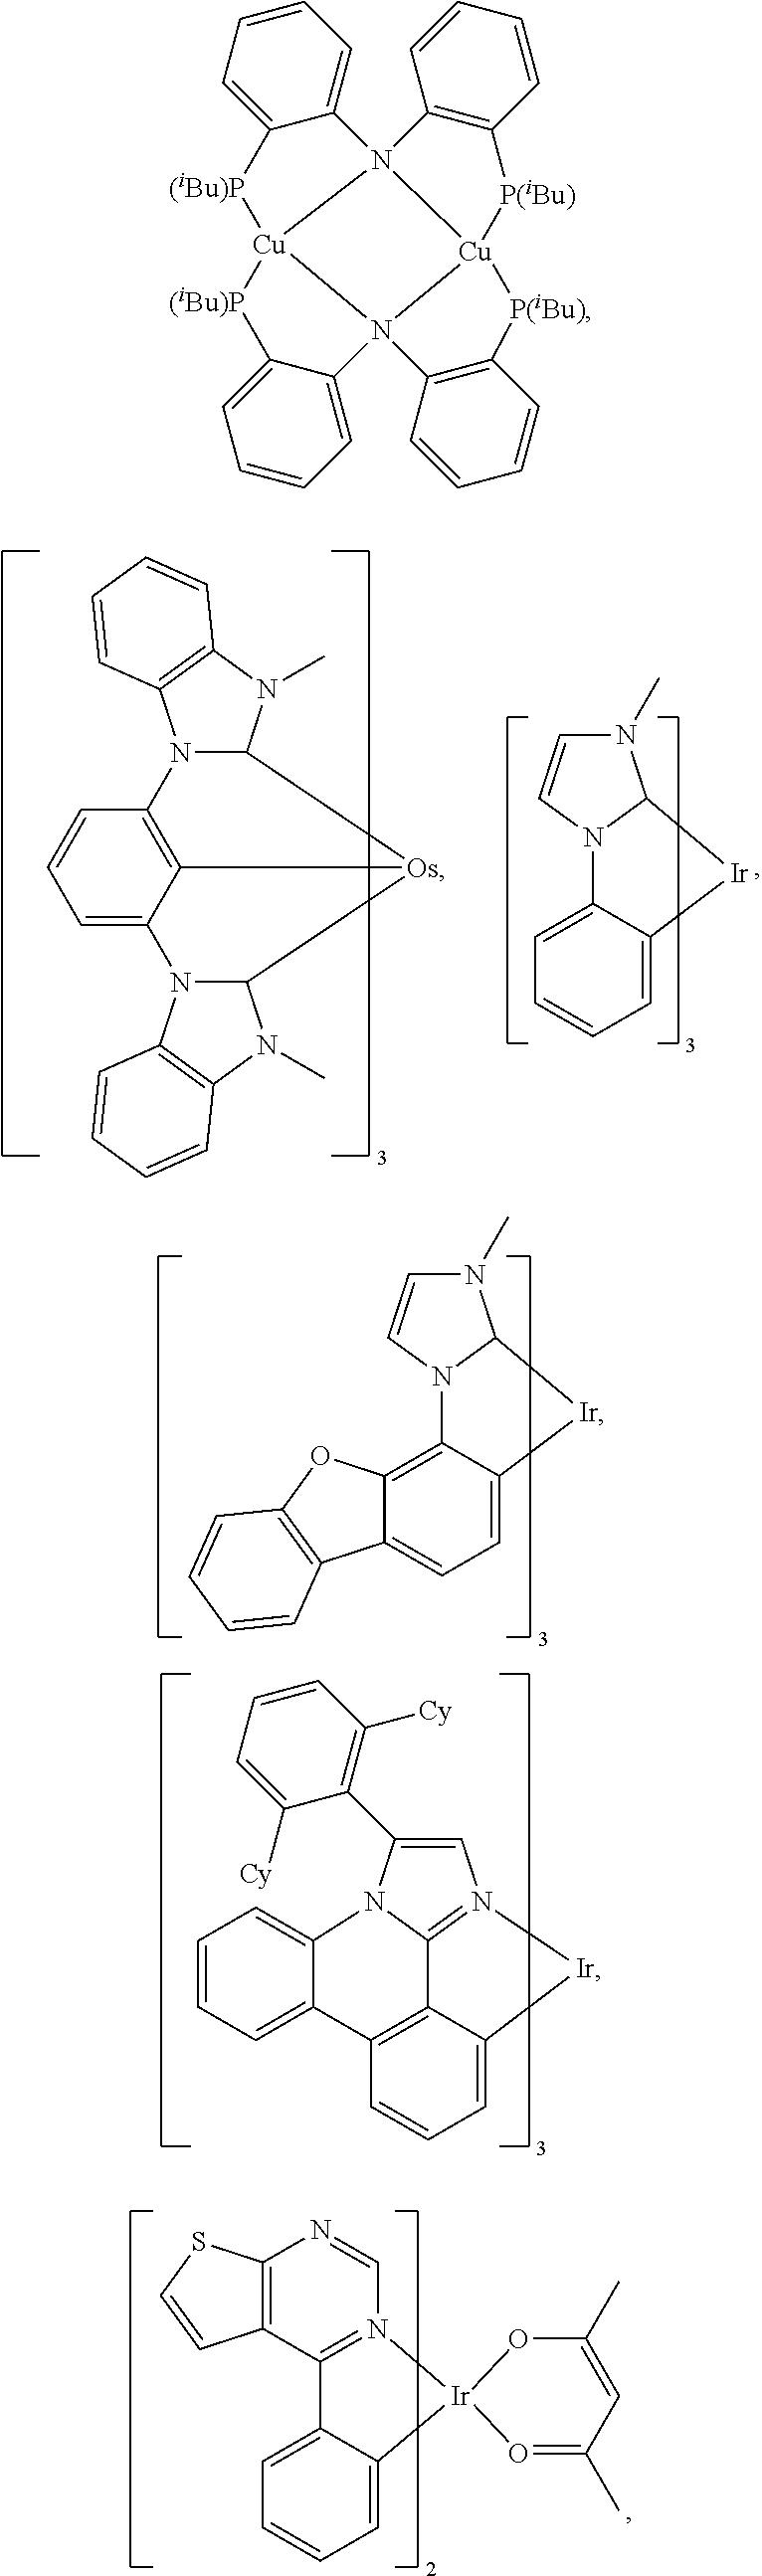 Figure US09929360-20180327-C00160